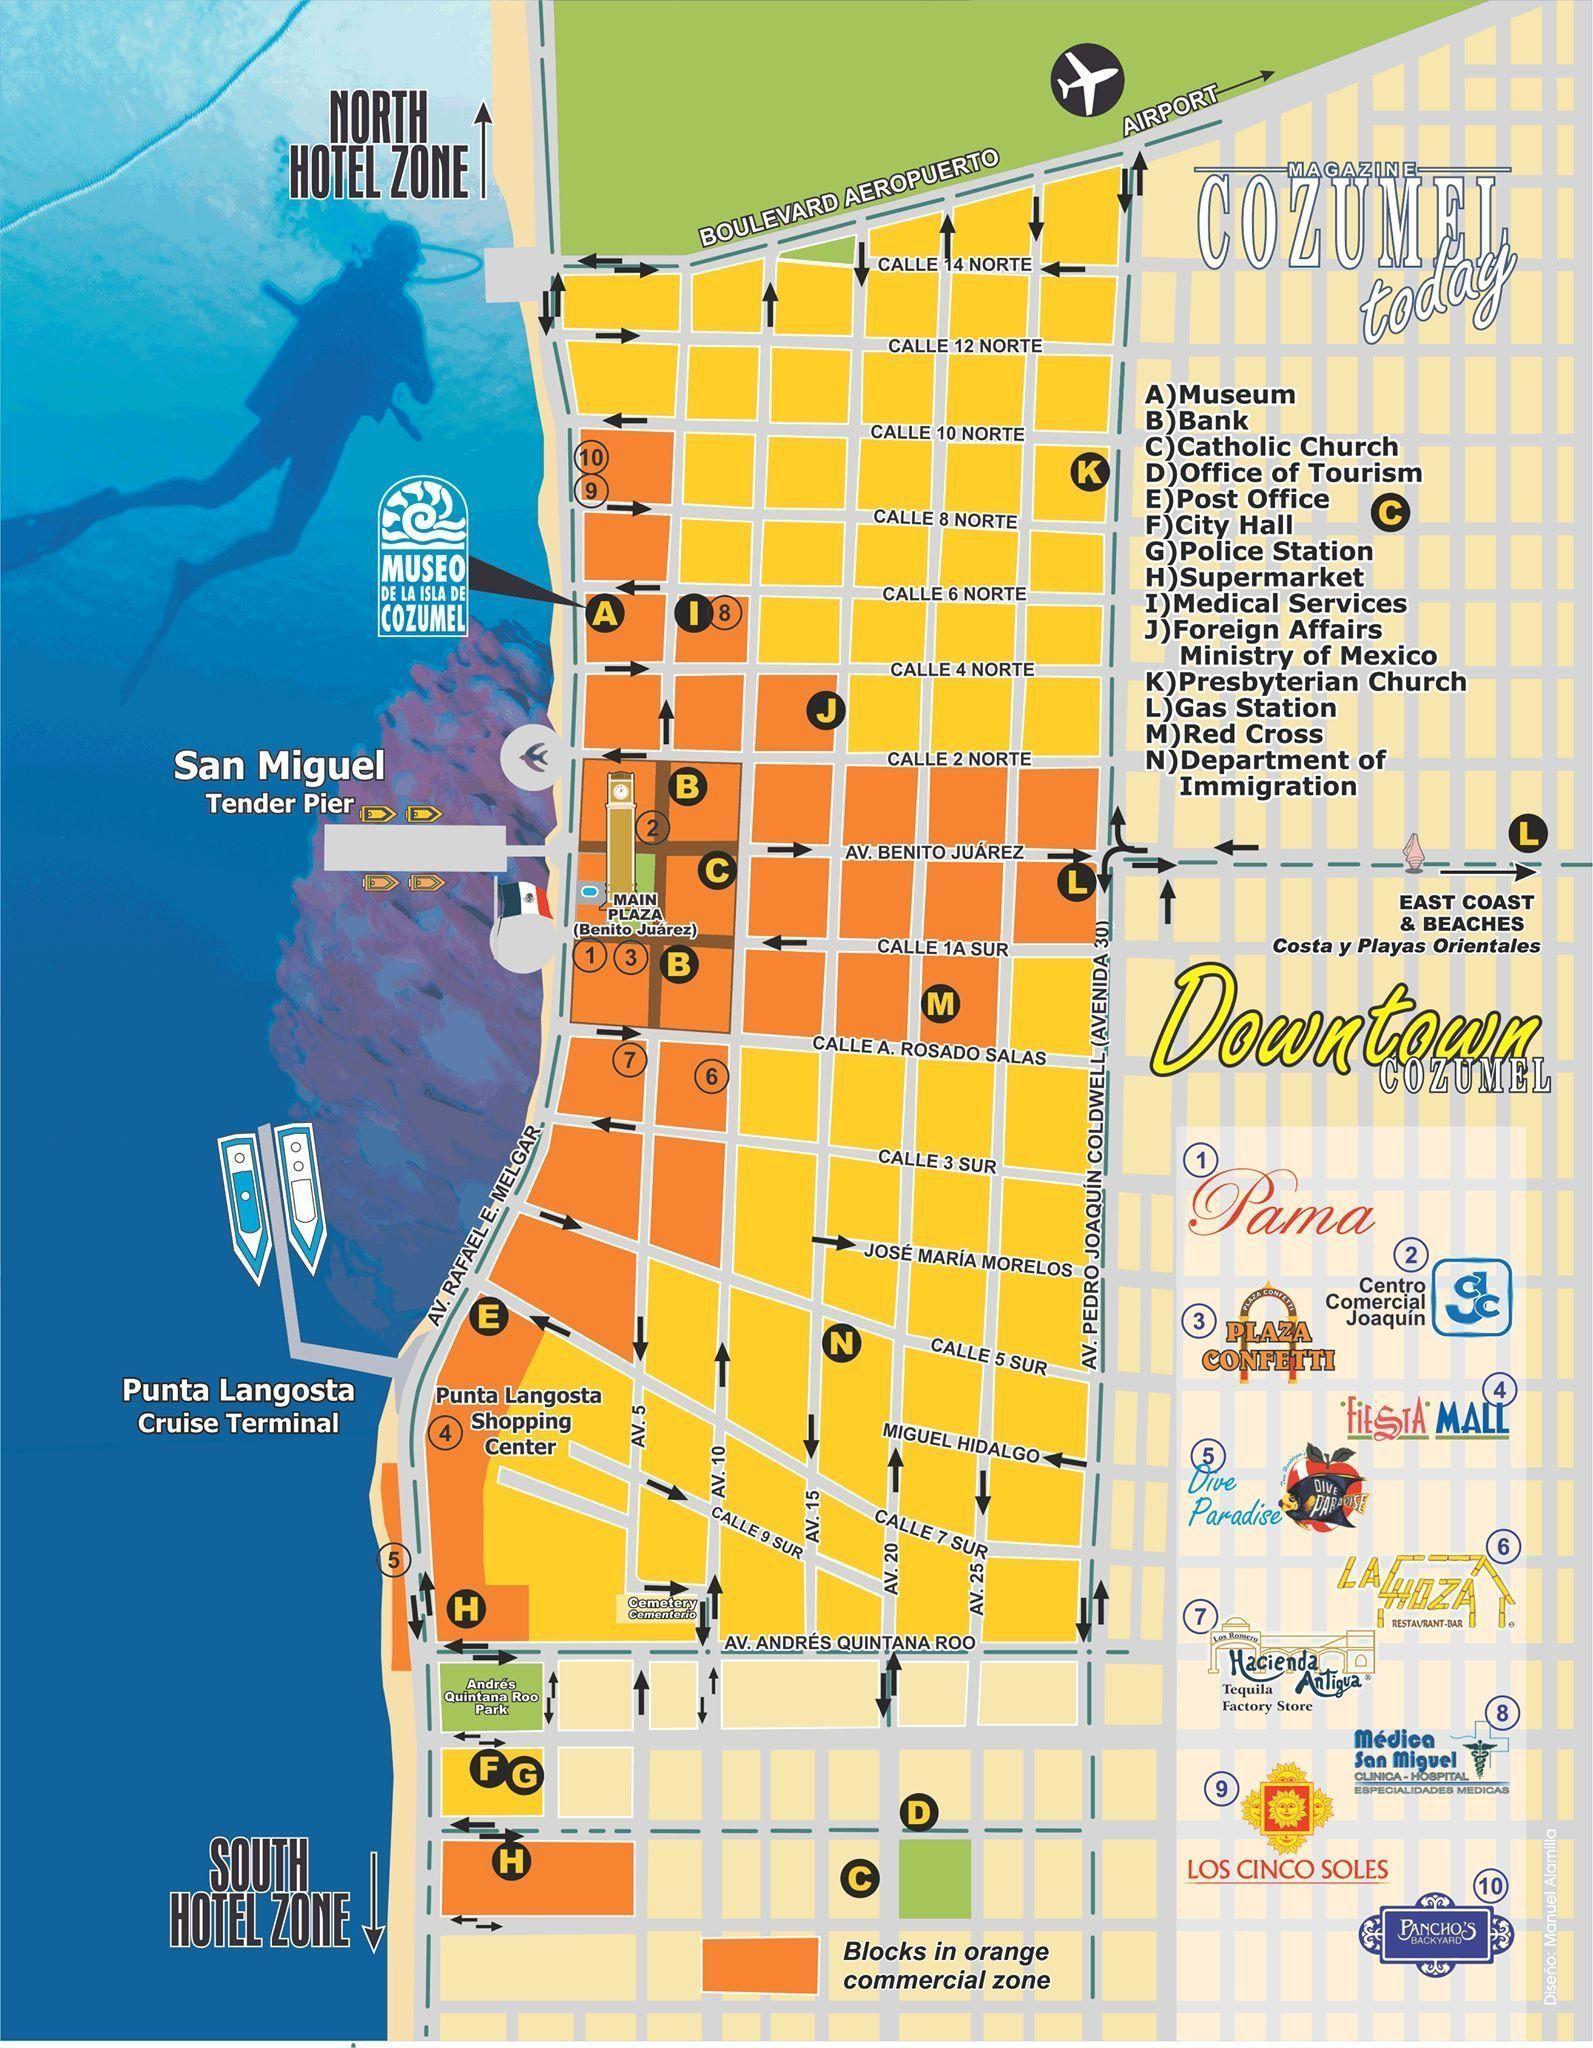 Downtown Cozumel Map Cozumelcruise Cozumel Map Cozumel